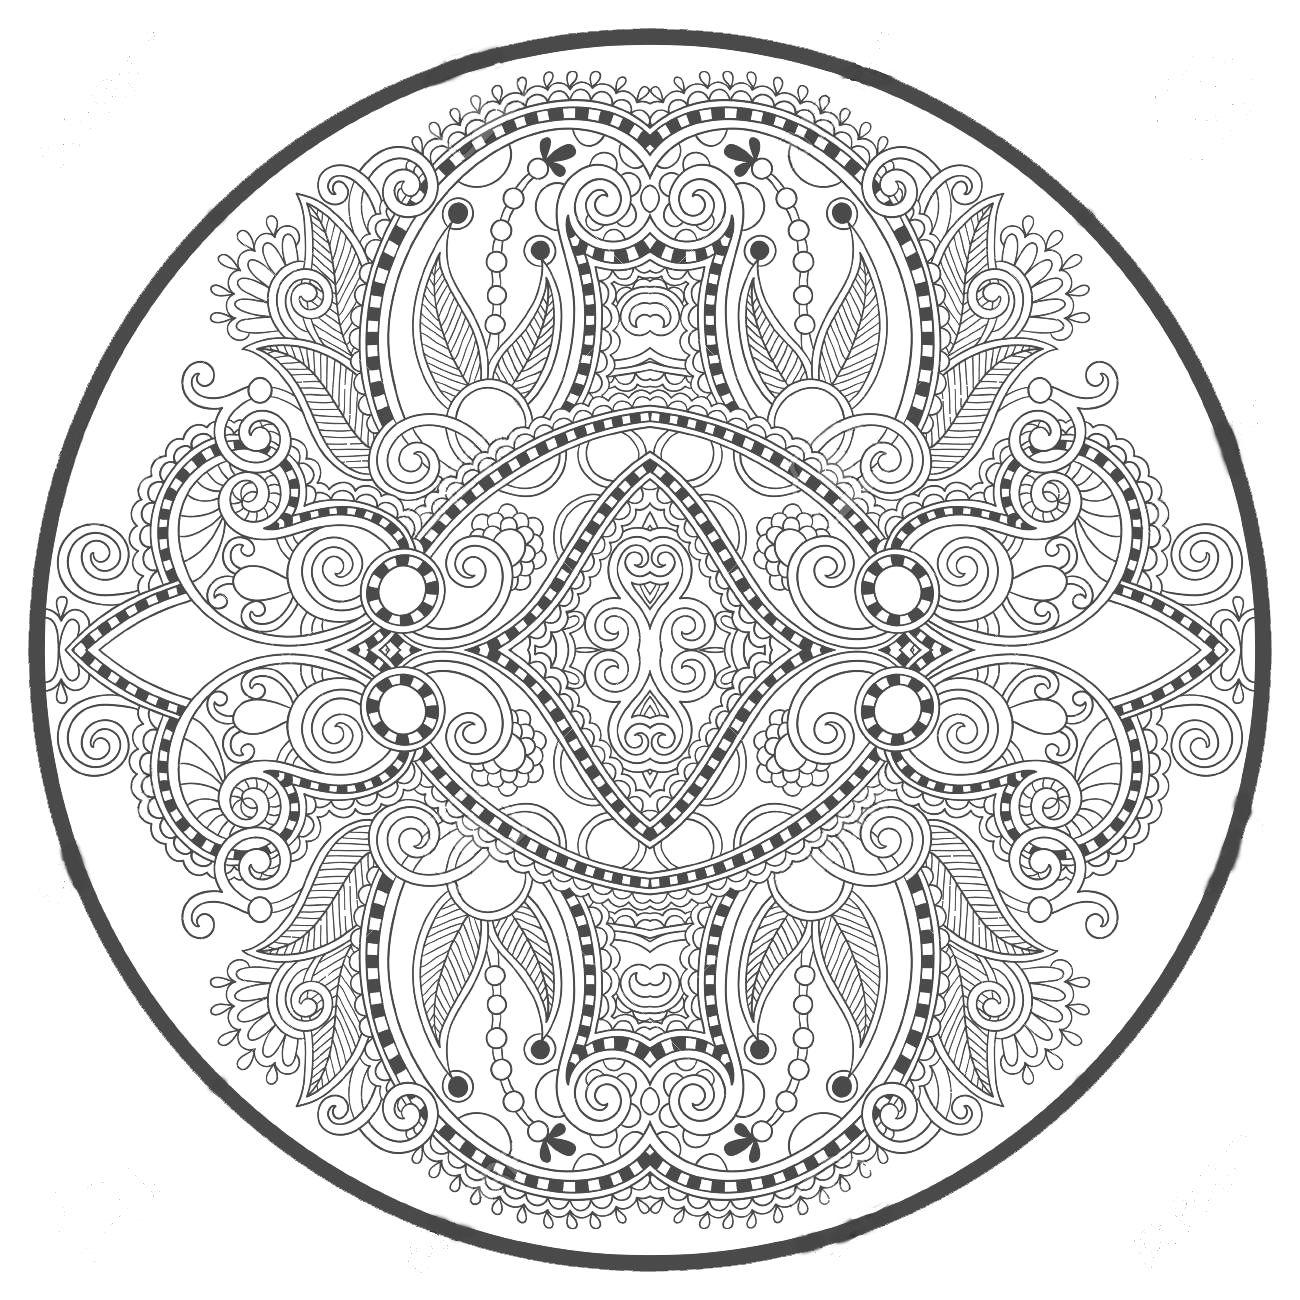 pin by gena andreano on coloring mandala u0027s pinterest mandalas